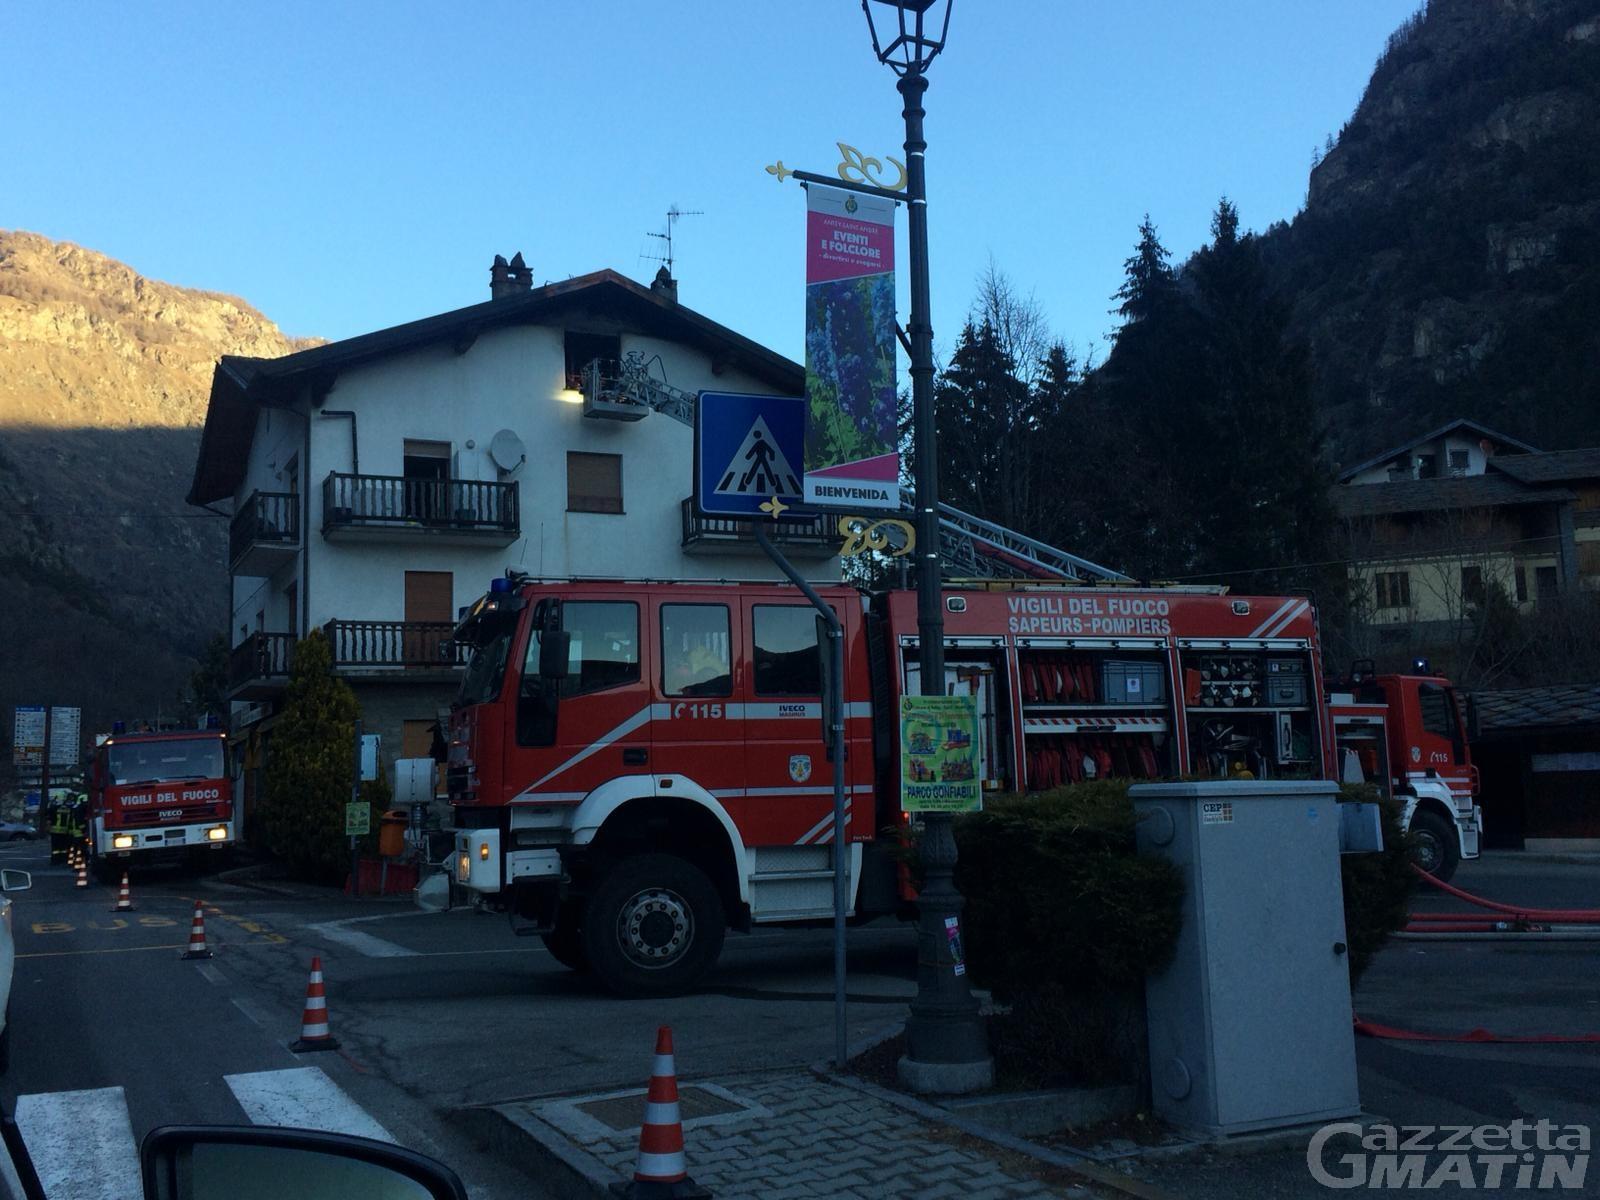 Incendio ad Antey: tre ragazzi si buttano dal terzo piano per sfuggire alle fiamme